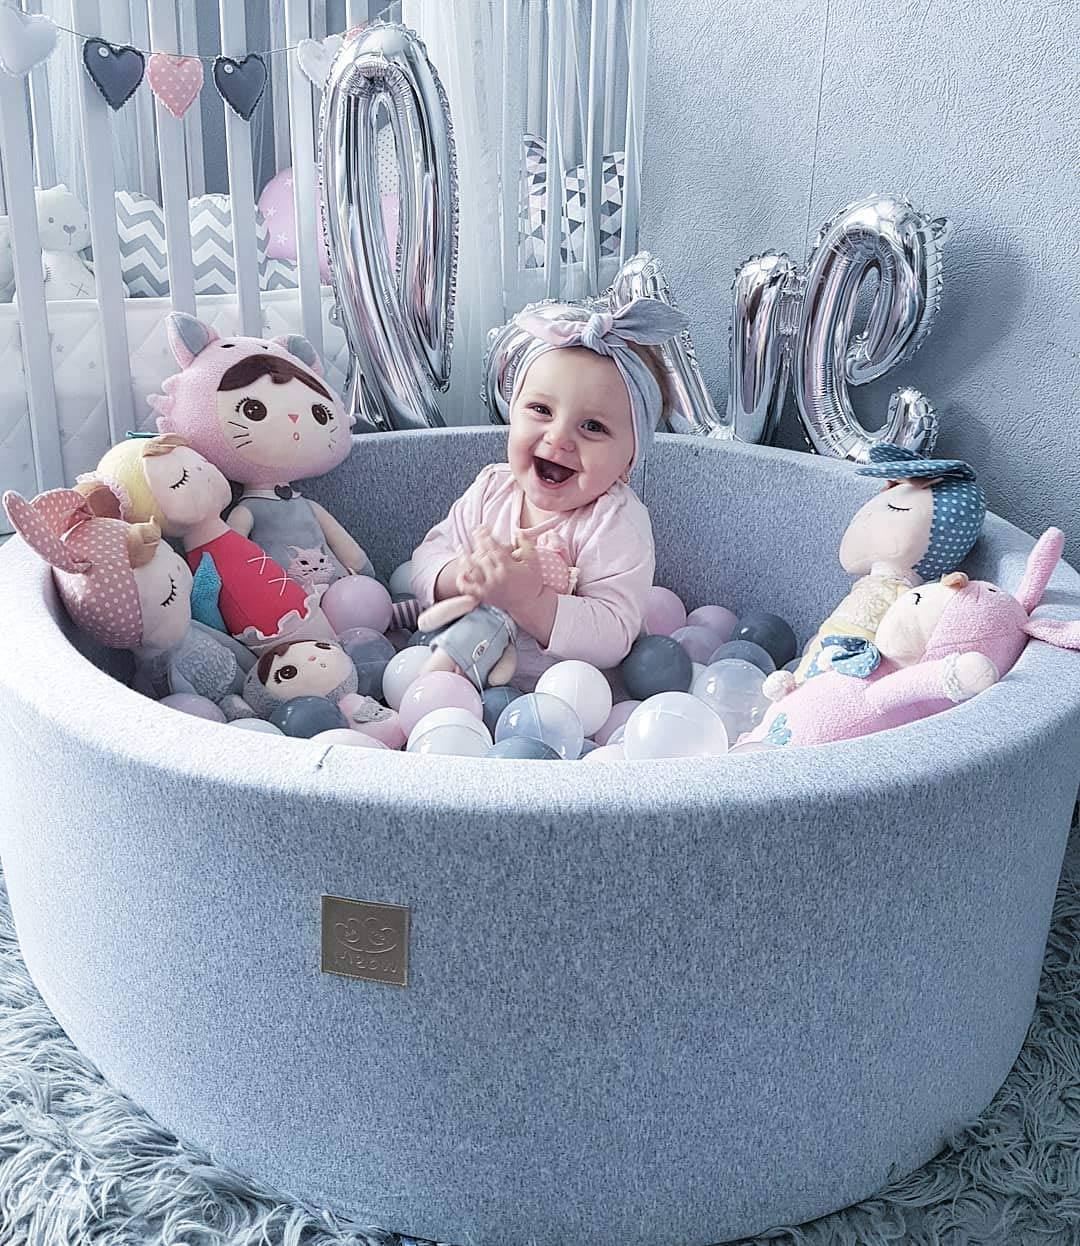 Cadeaux De Noël : Les Jouets Pour Enfants De La Naissance À concernant Jeu De Bebe Pour Fille